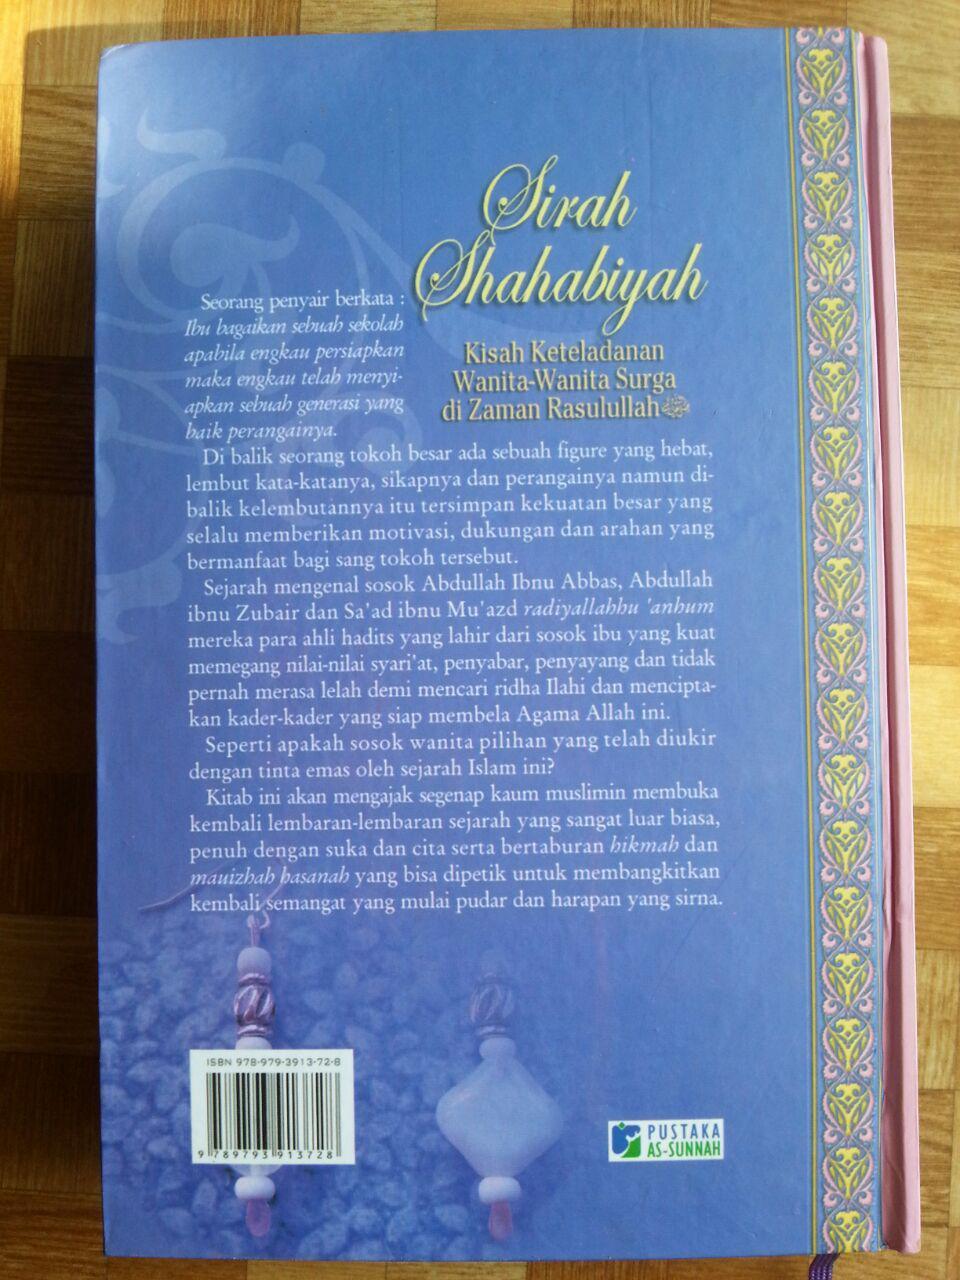 Buku Sirah Shahabiyah cover